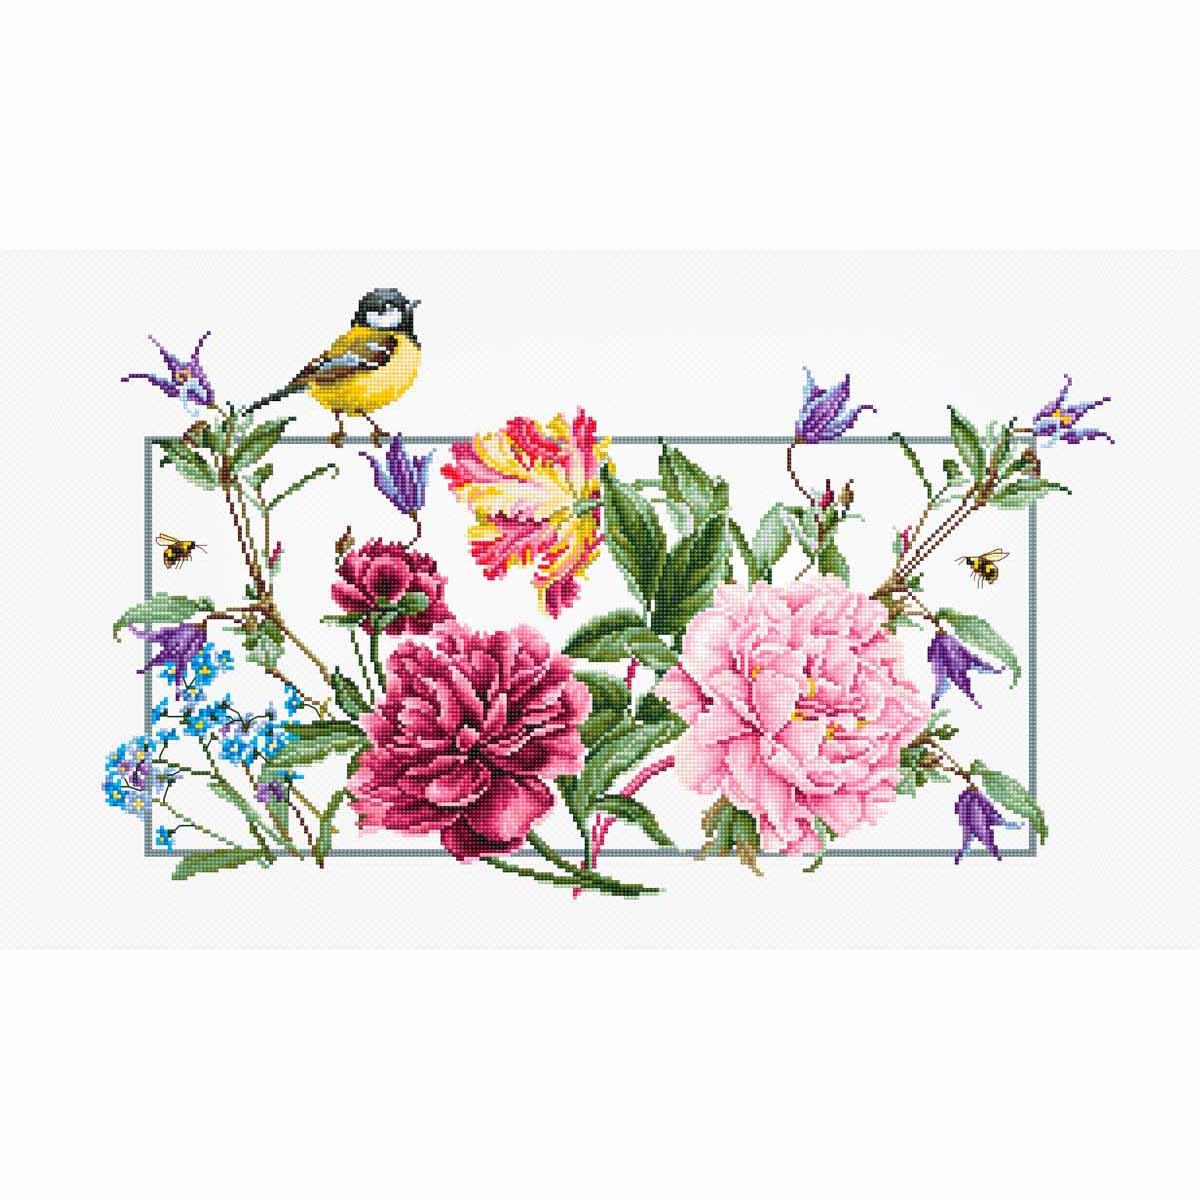 BA2359 Набор для вышивания 'Весенние цветы' 41,5*25см, Luca-S